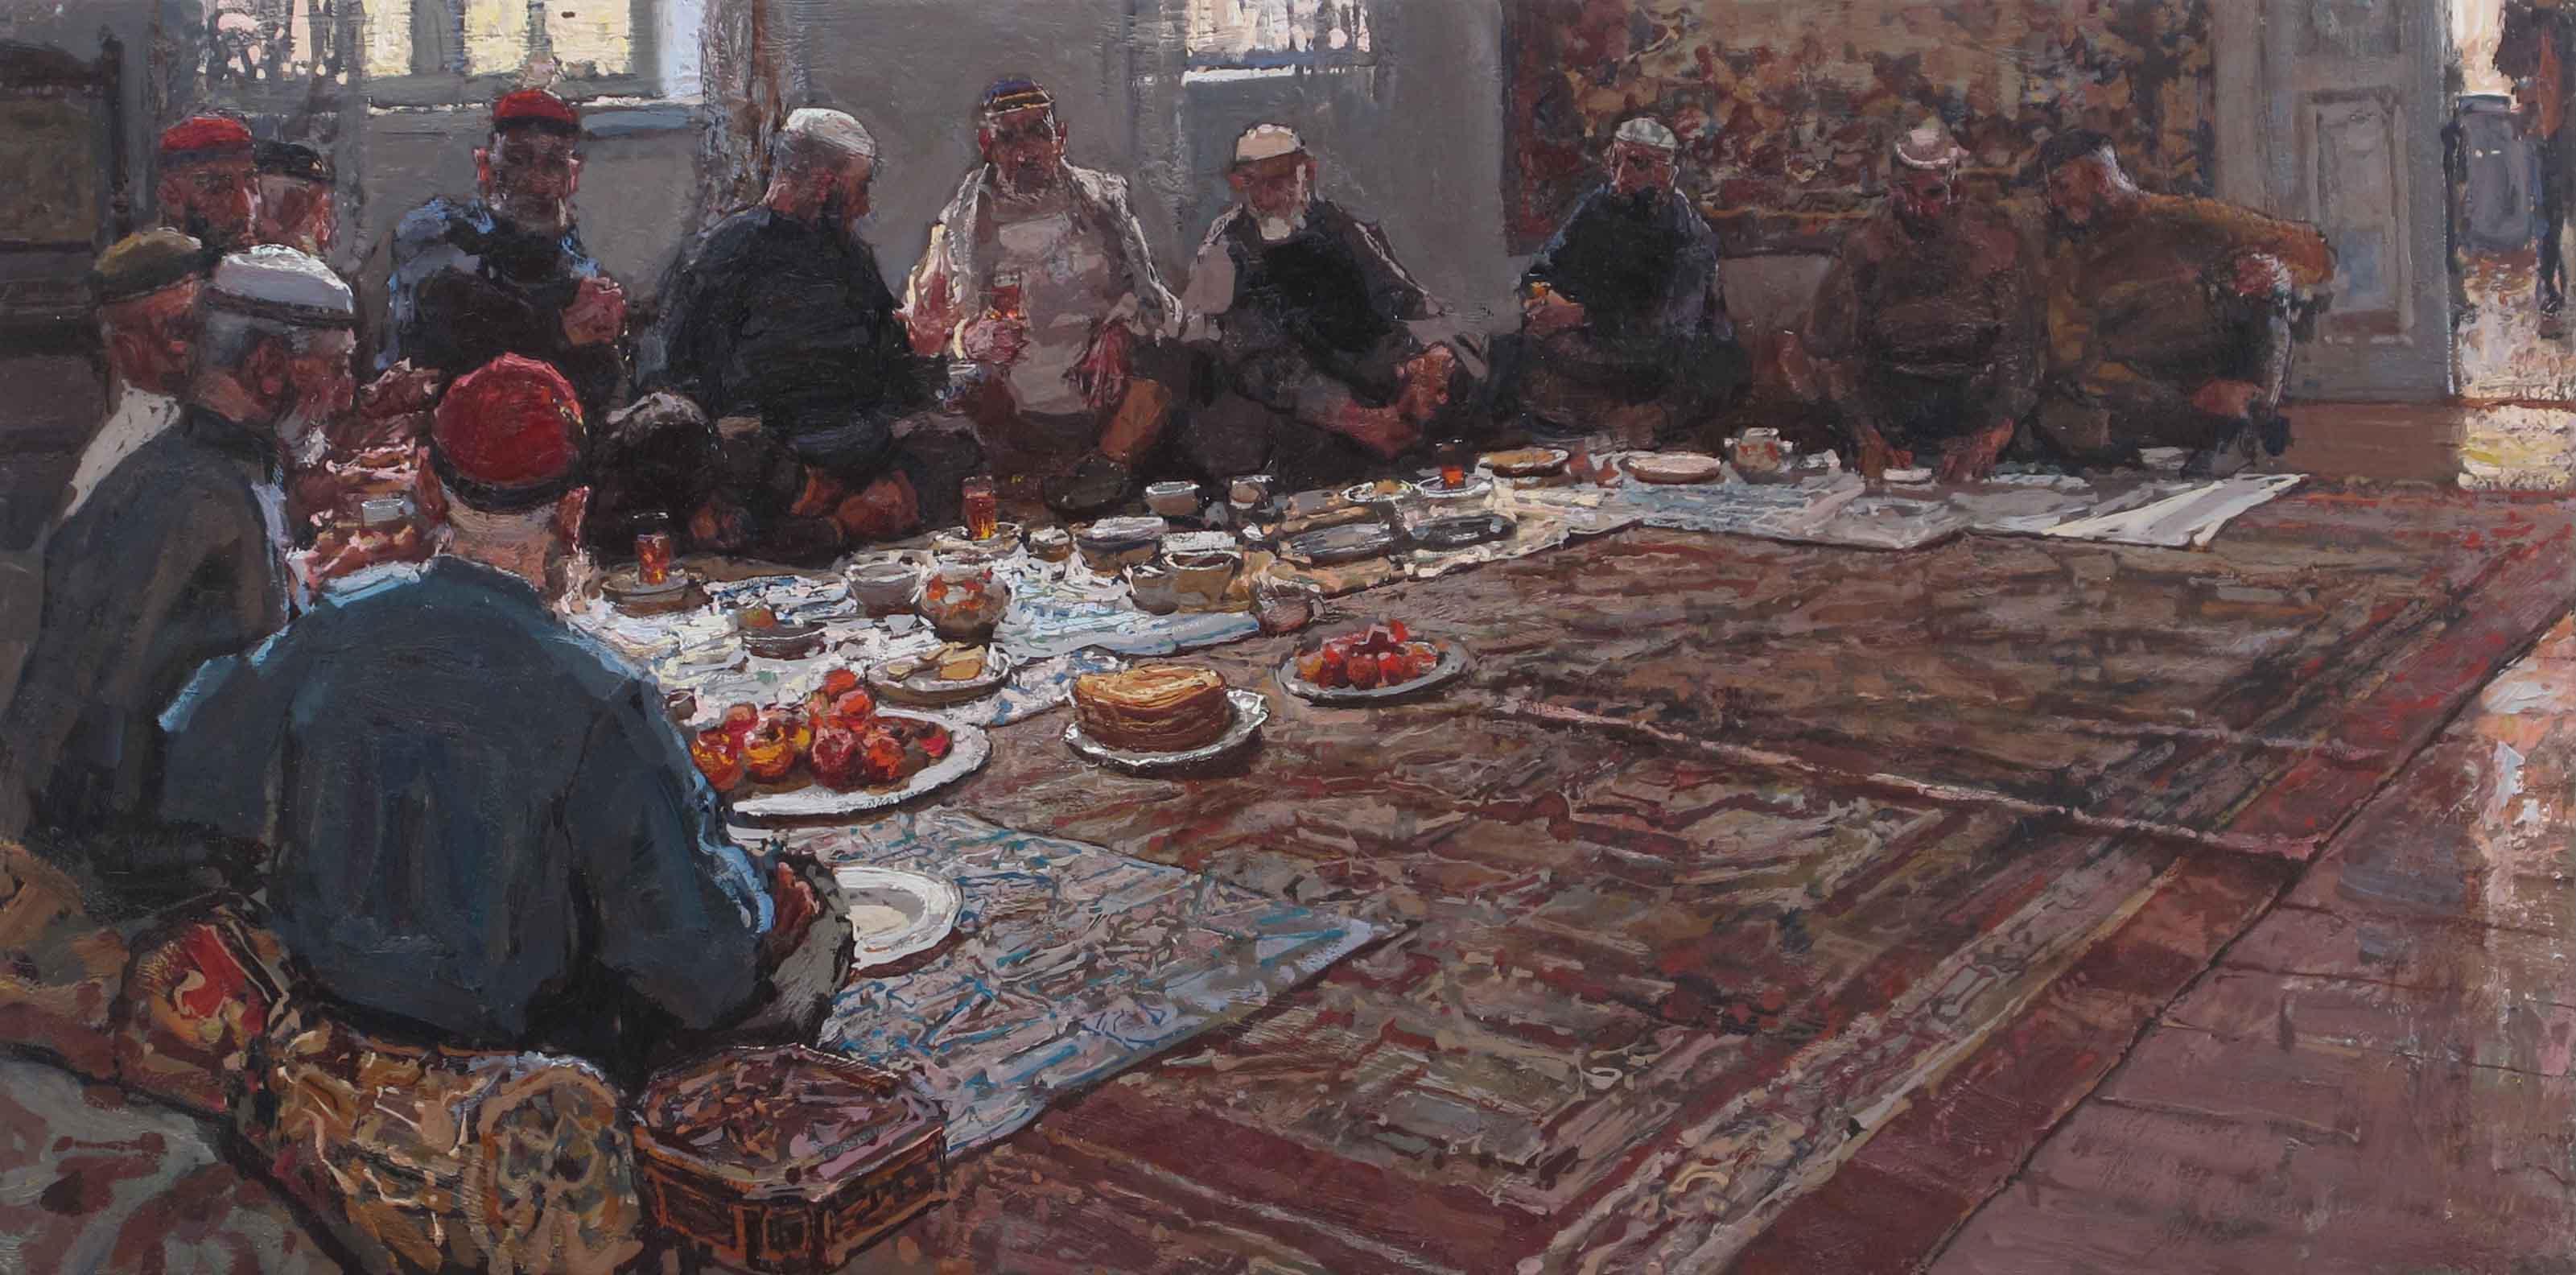 Feast Time by  Daud Akhriev - Masterpiece Online